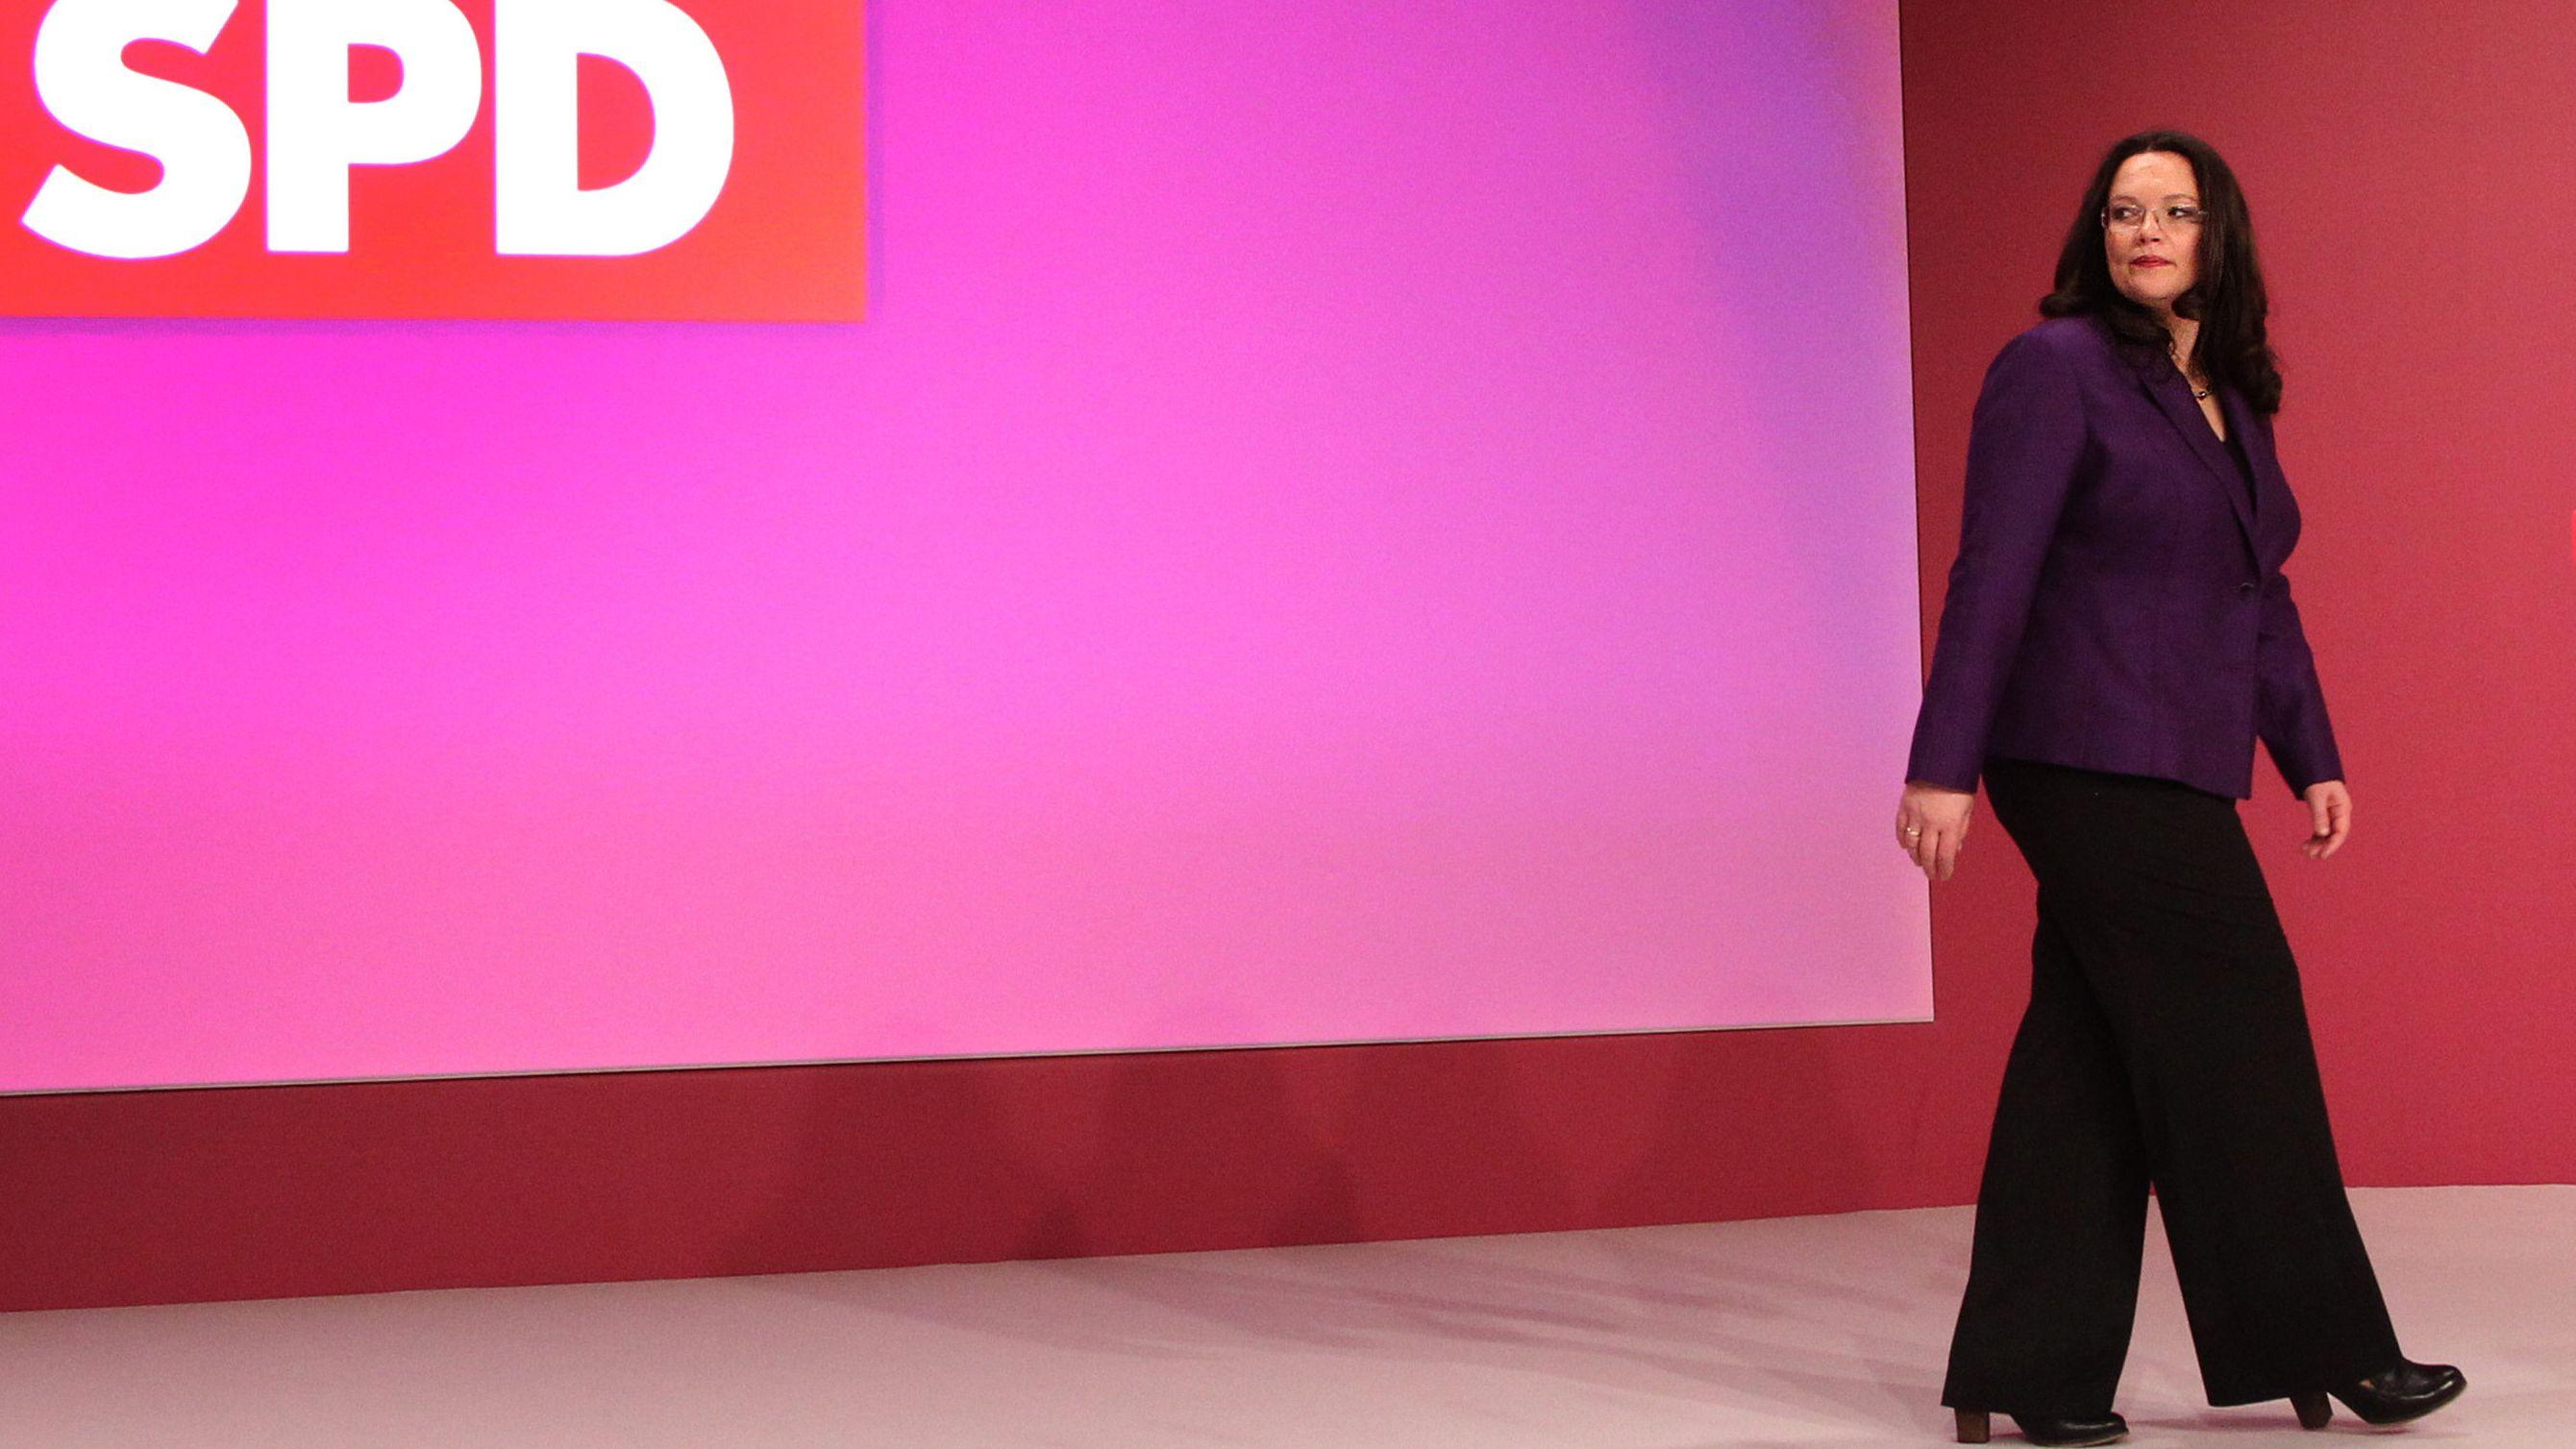 SPD-Parteivorsitzende Andrea Nahles